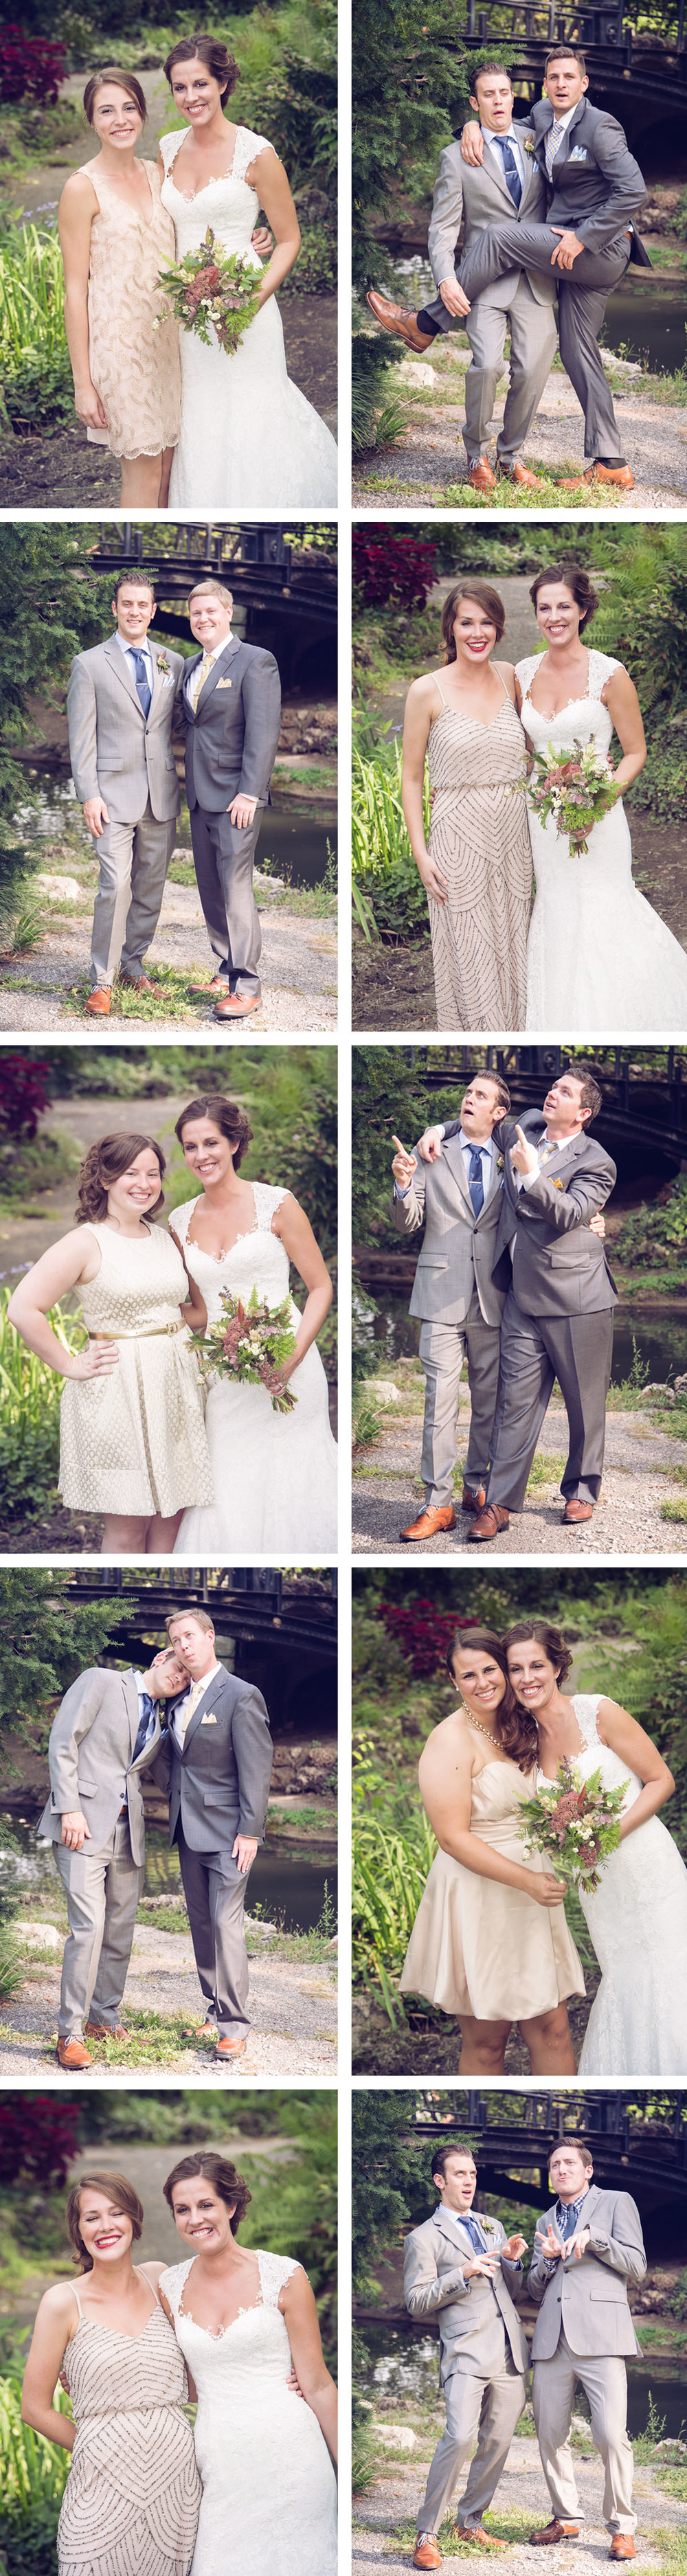 Mike_Danielle-bridalparty2.jpg